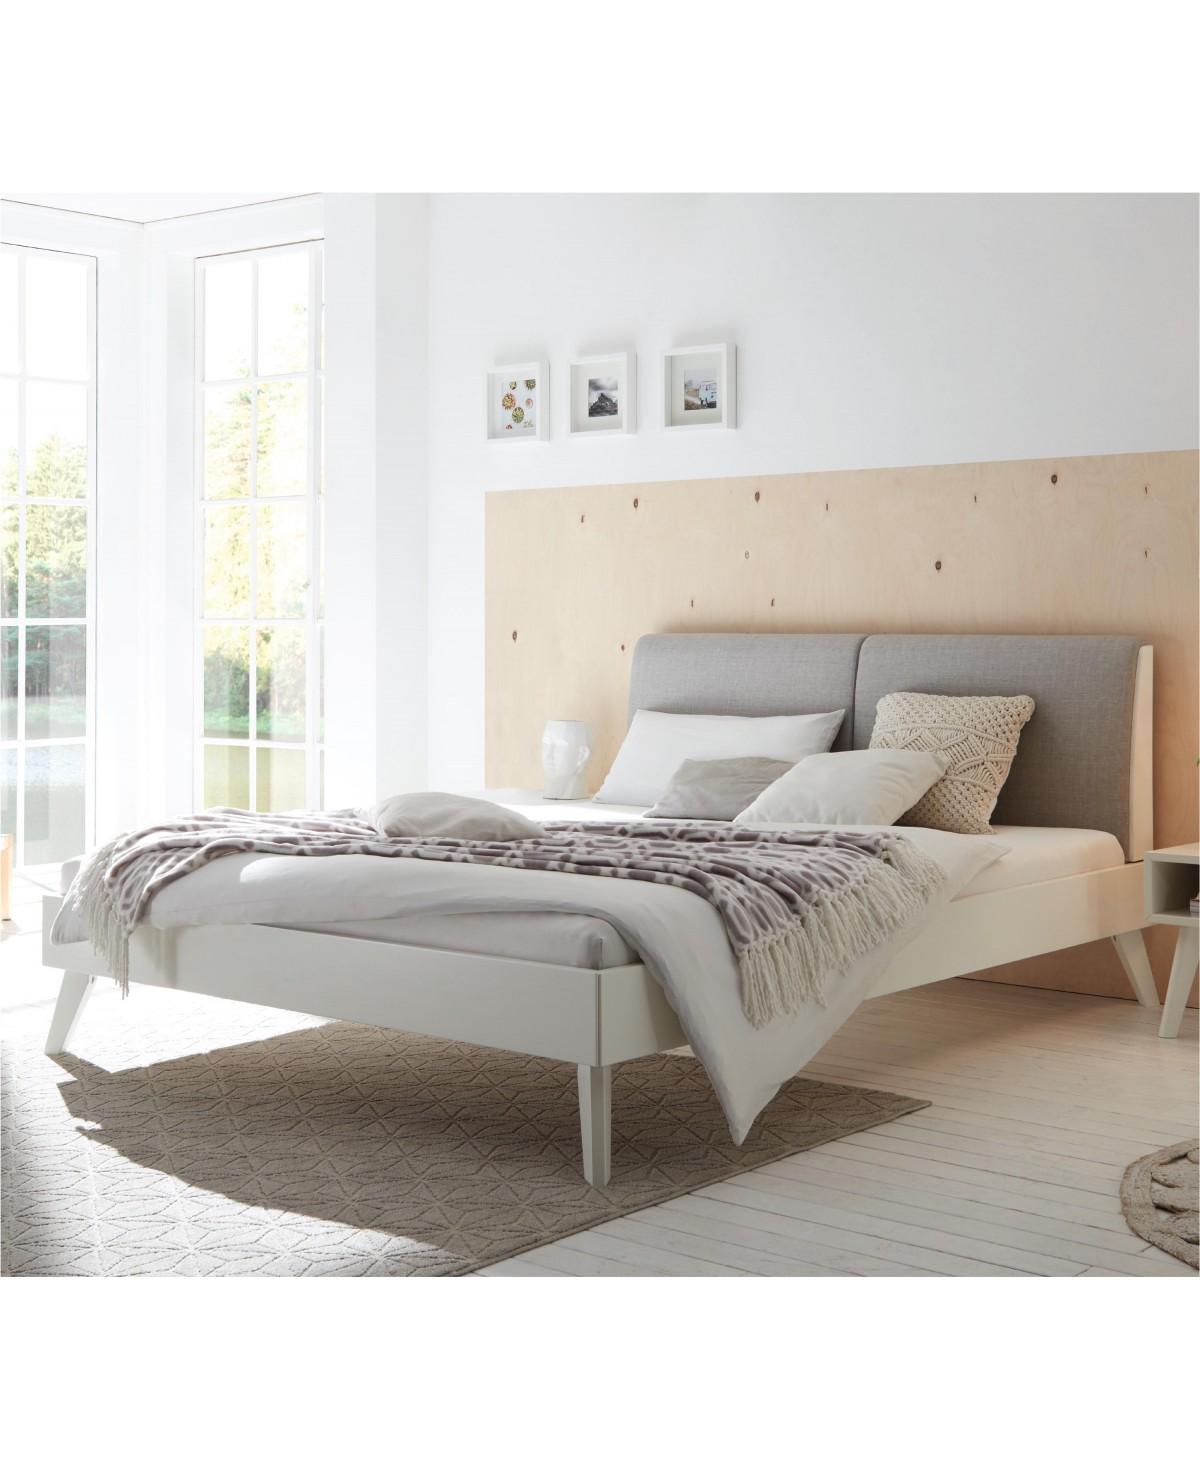 Full Size of Bett 160x200 Grau Zuhause Mit Bettkasten 180x200 Tagesdecke Günstig Kaufen Tojo Niedrig Weiß 100x200 Schlafzimmer Betten 2x2m Skandinavisch Lattenrost Und Bett Weißes Bett 160x200